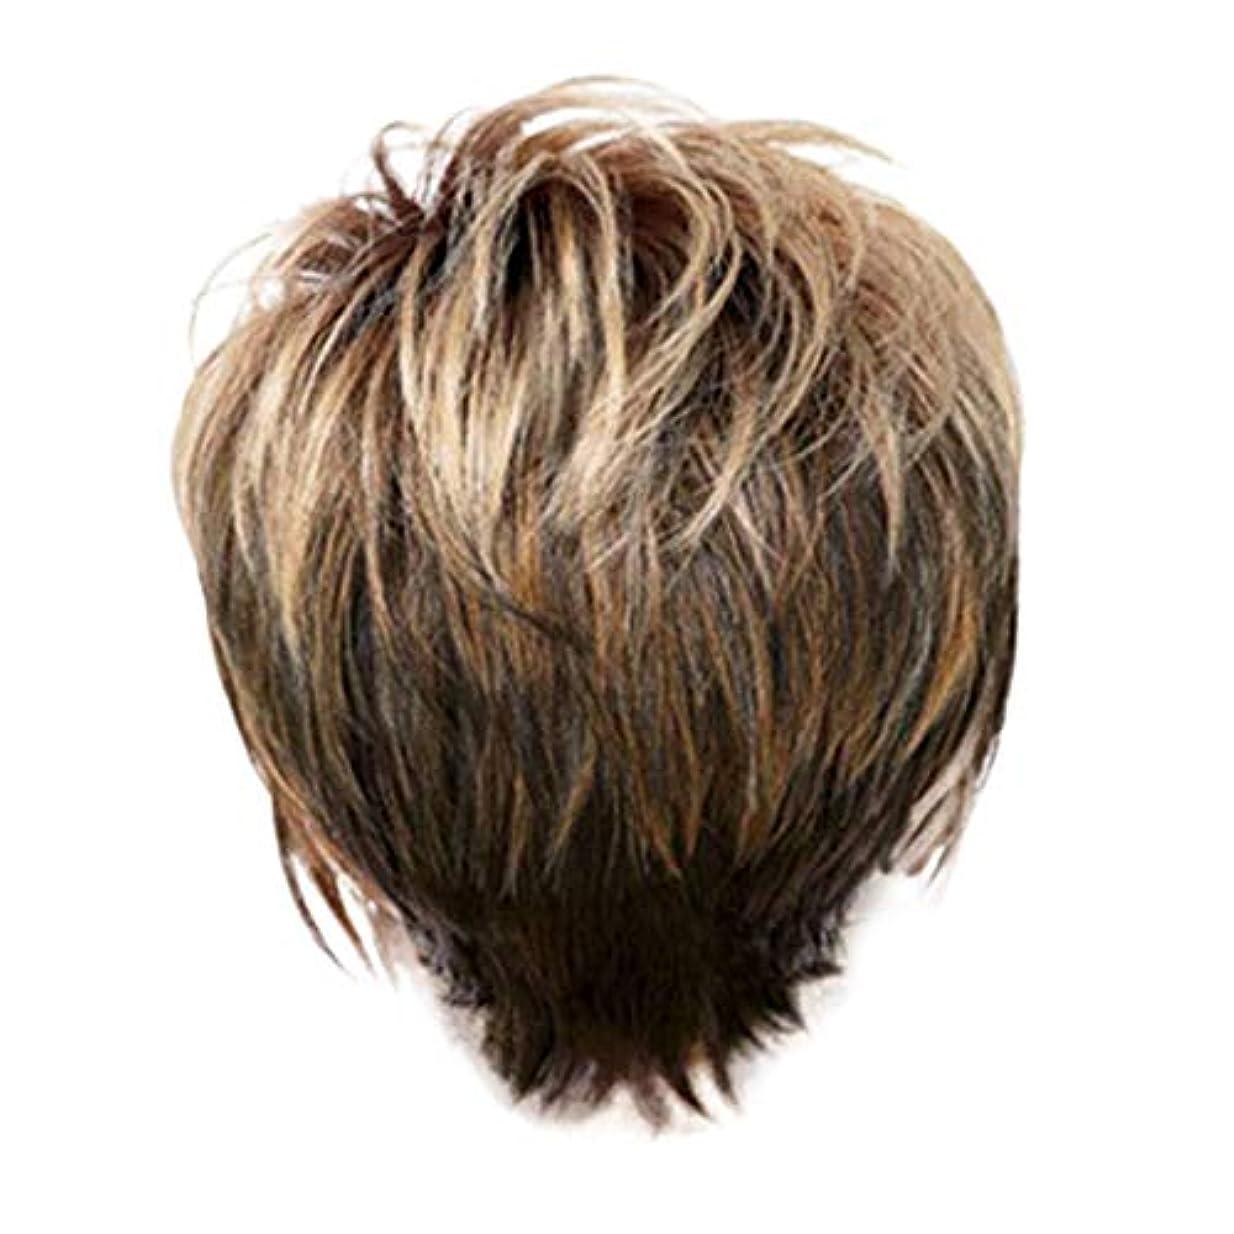 テーブルを設定する極地質素なウィッグ女性の金茶色の短いストレートヘアファッションセクシーなかつら31 cm